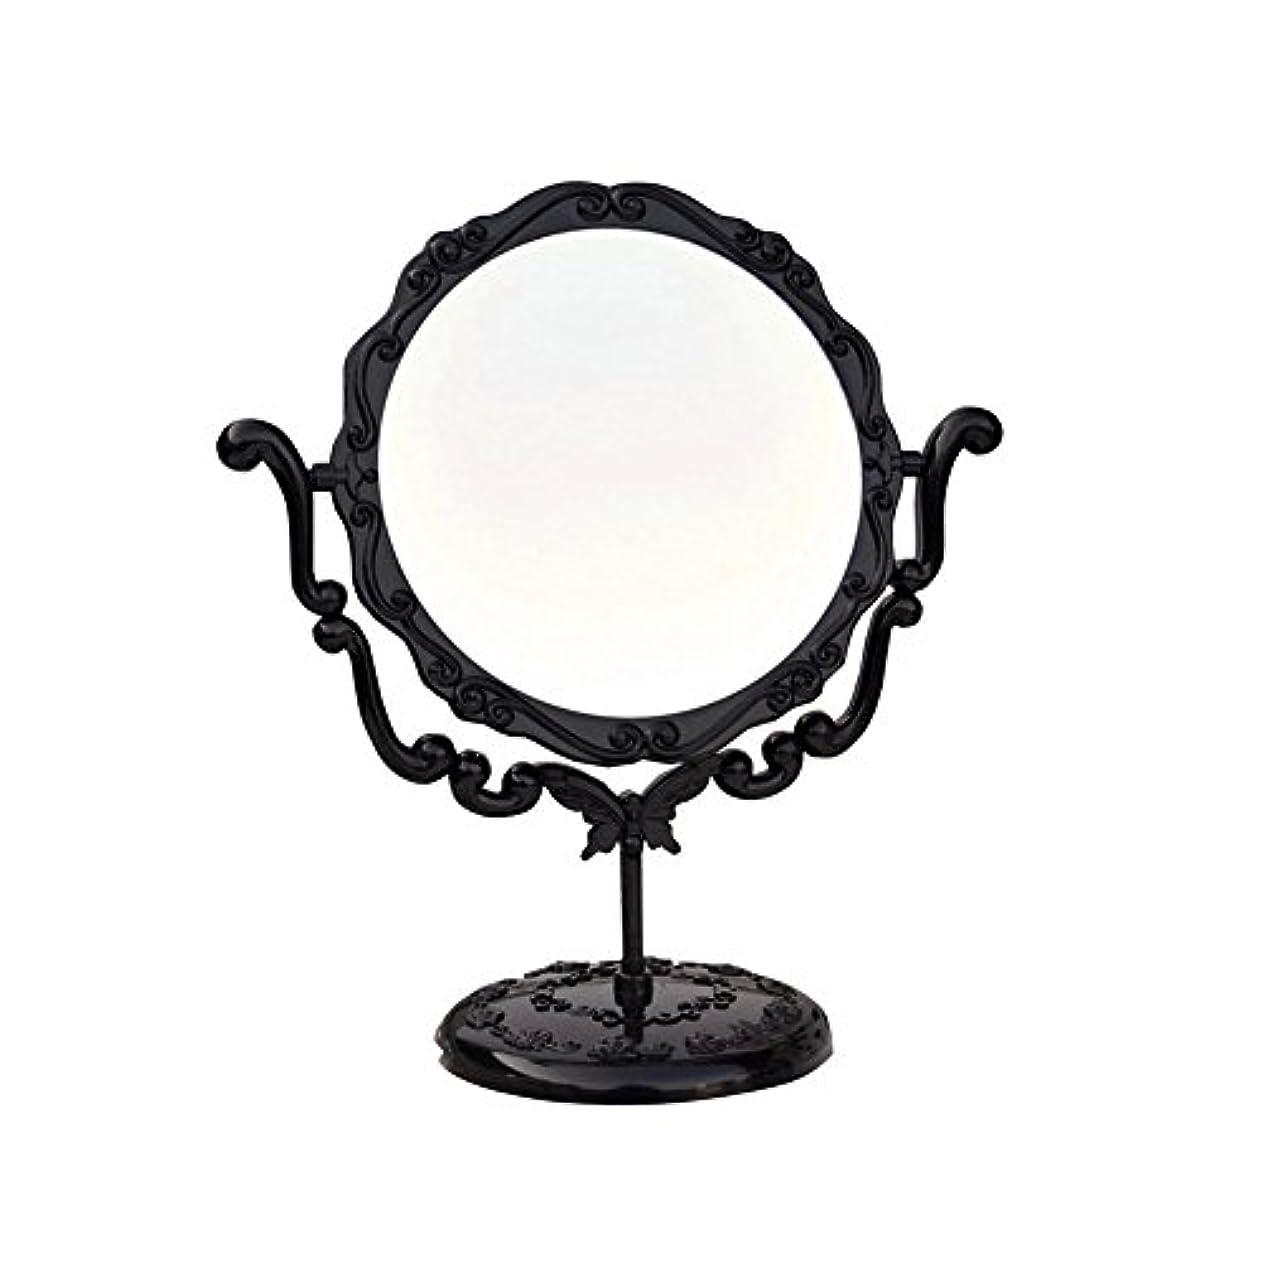 エスカレートジョリースリーブJTWJ アナスイスタイルのデスクトップミラーレトロな化粧鏡美容ミラー特大の回転ミラー